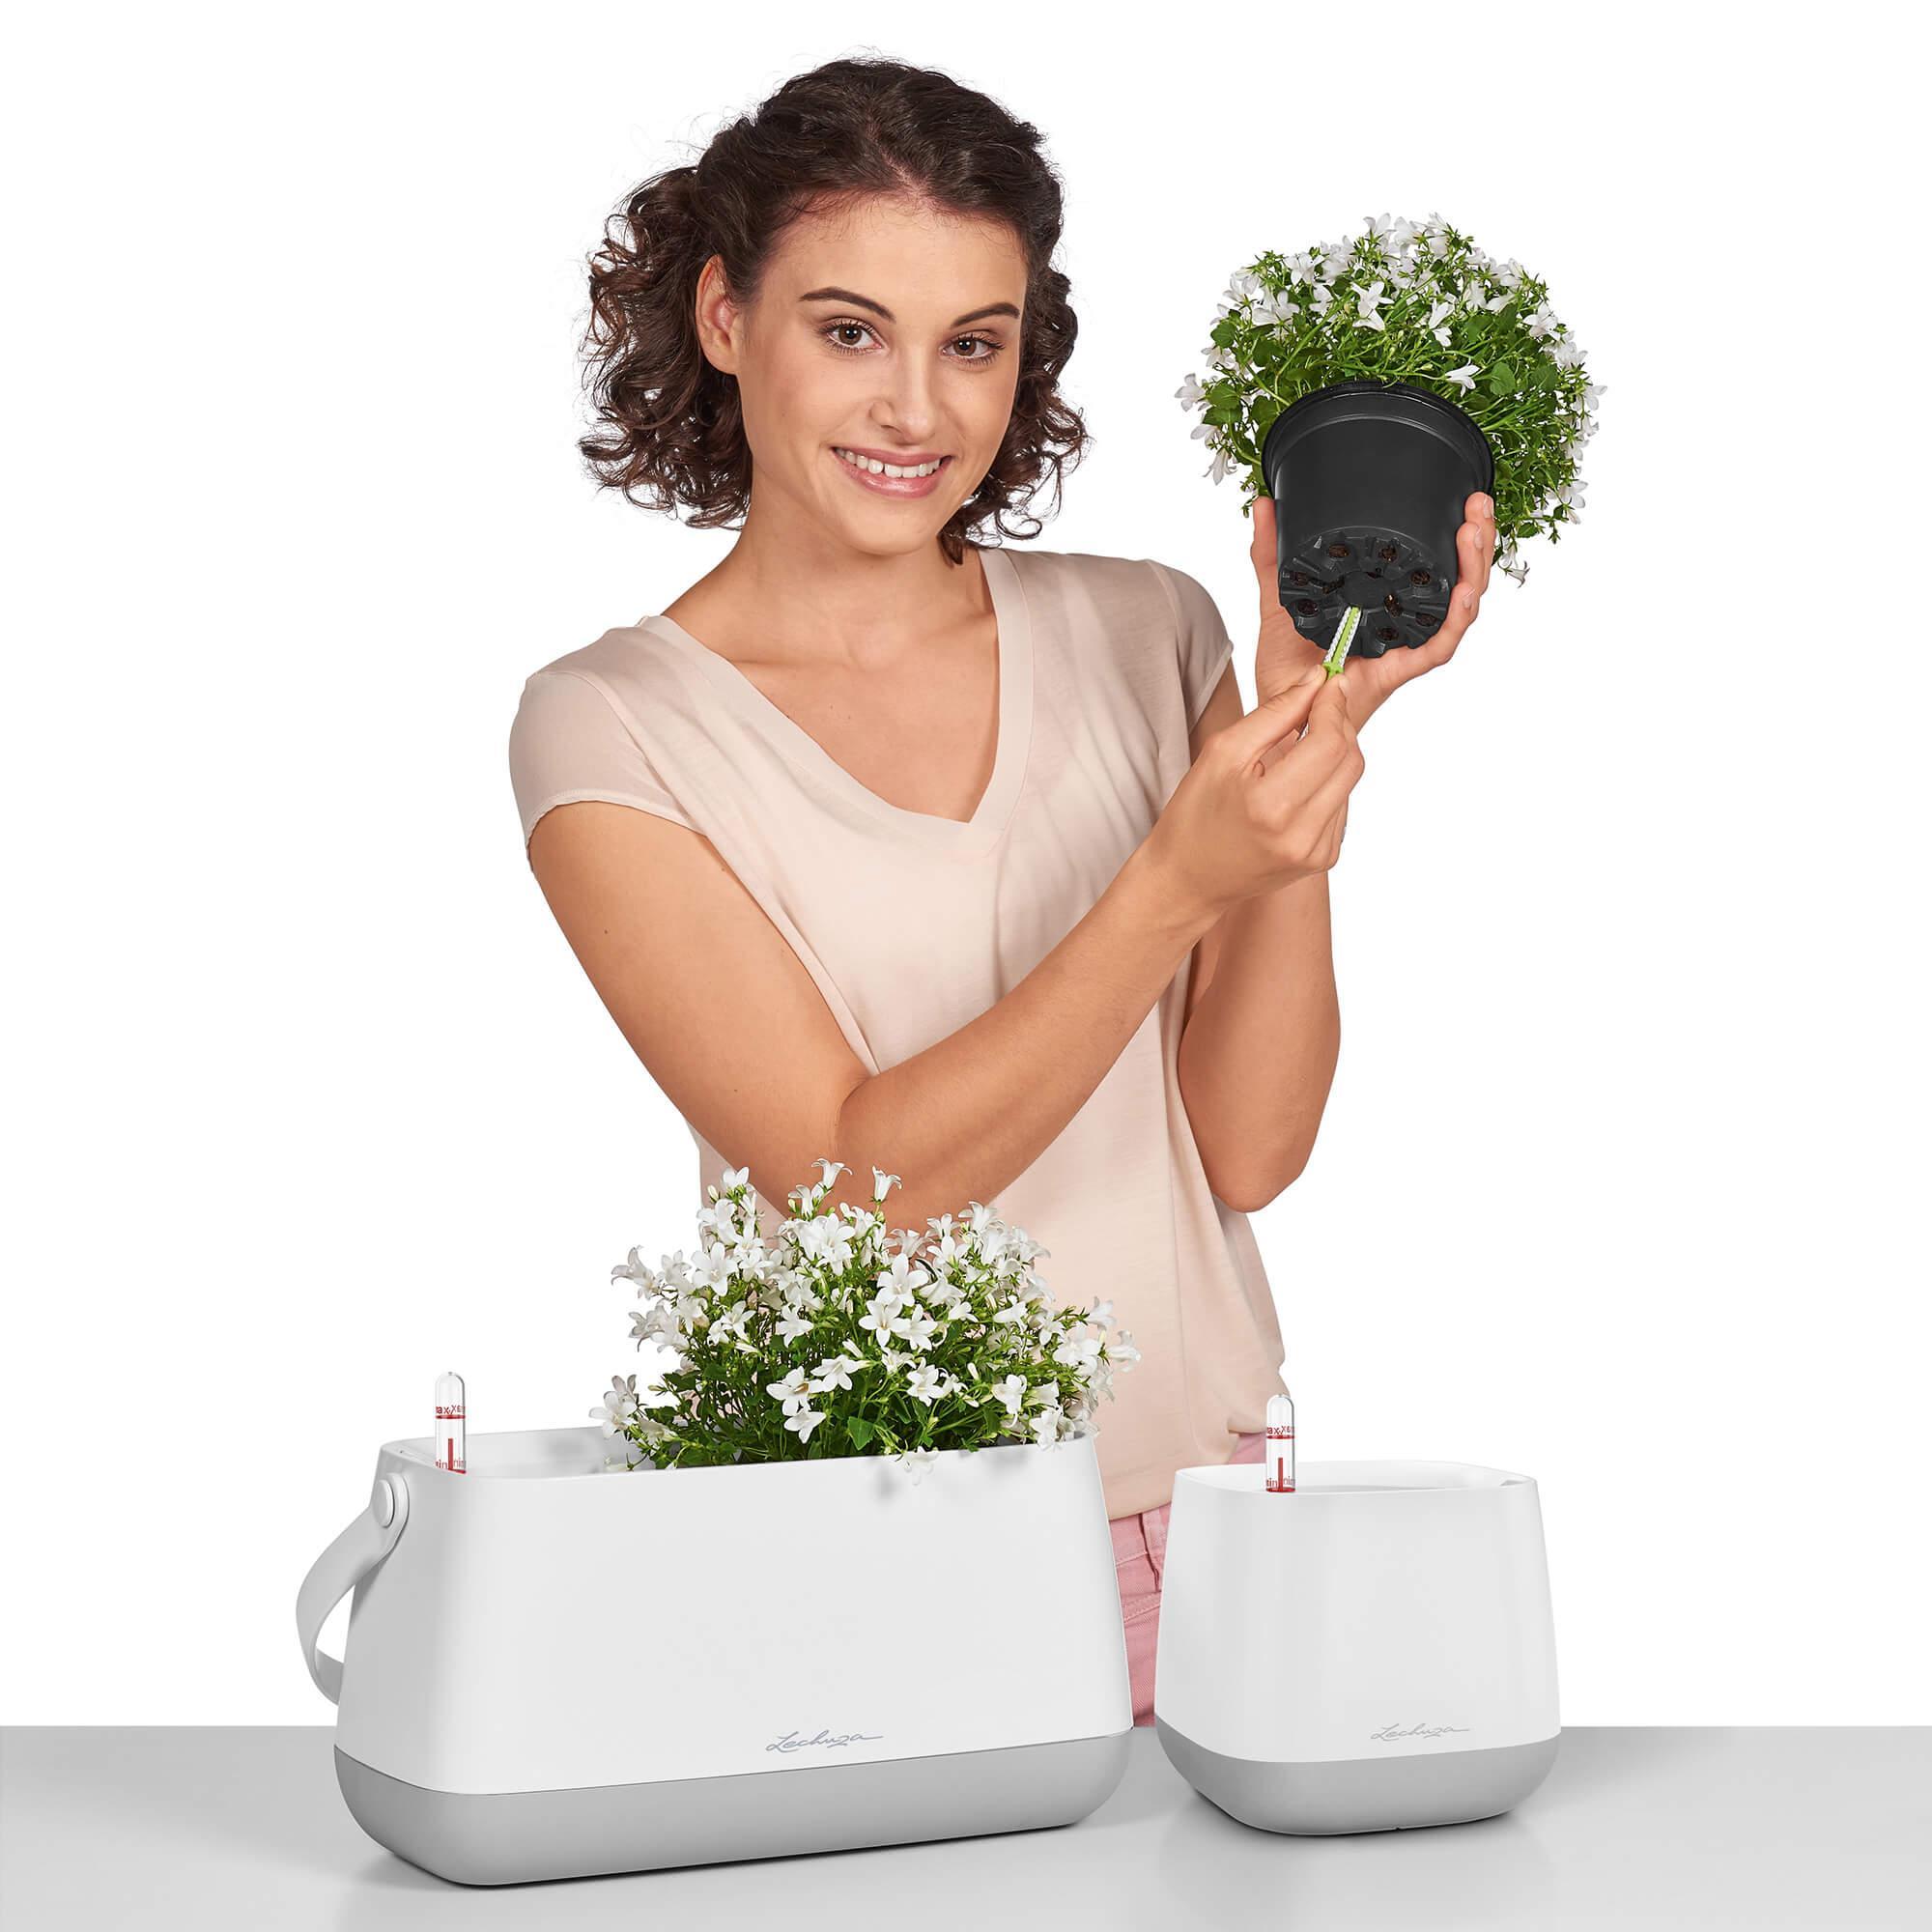 Borsetta per piante YULA bianco/grigio semi opache - Immagine 4